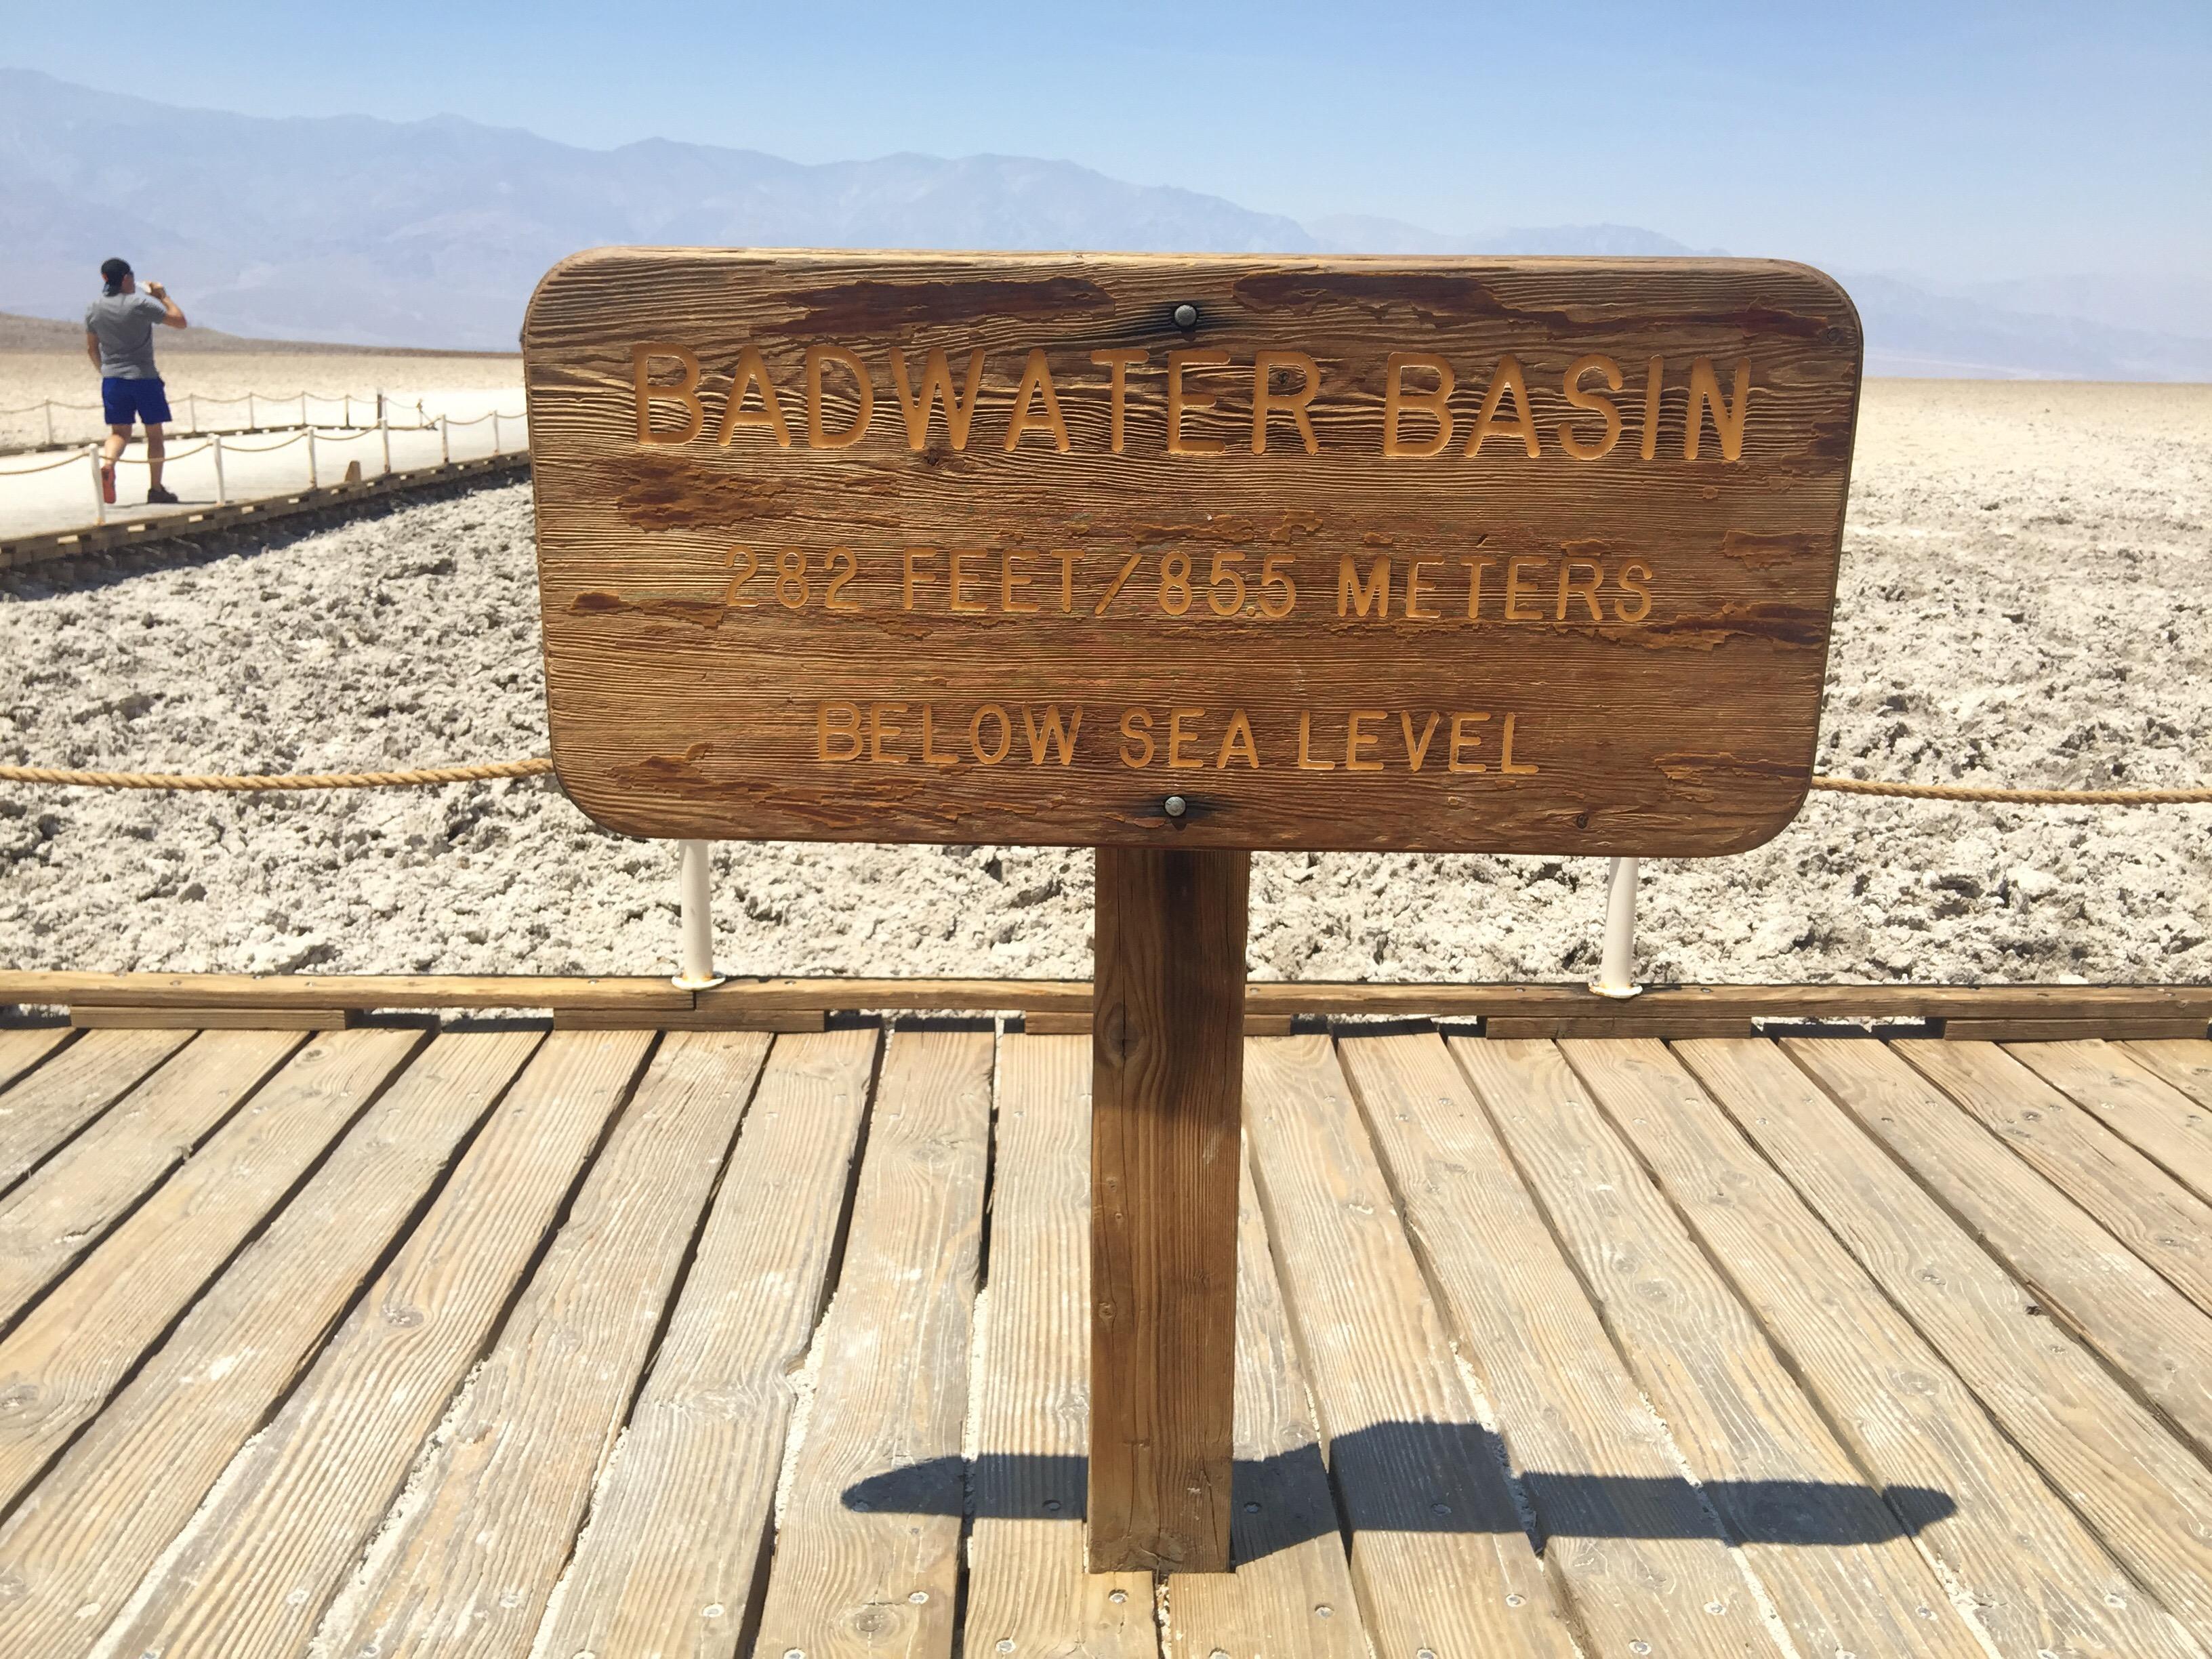 Lundi Soleil 20 mars 2017… pourtant l'eau manque!